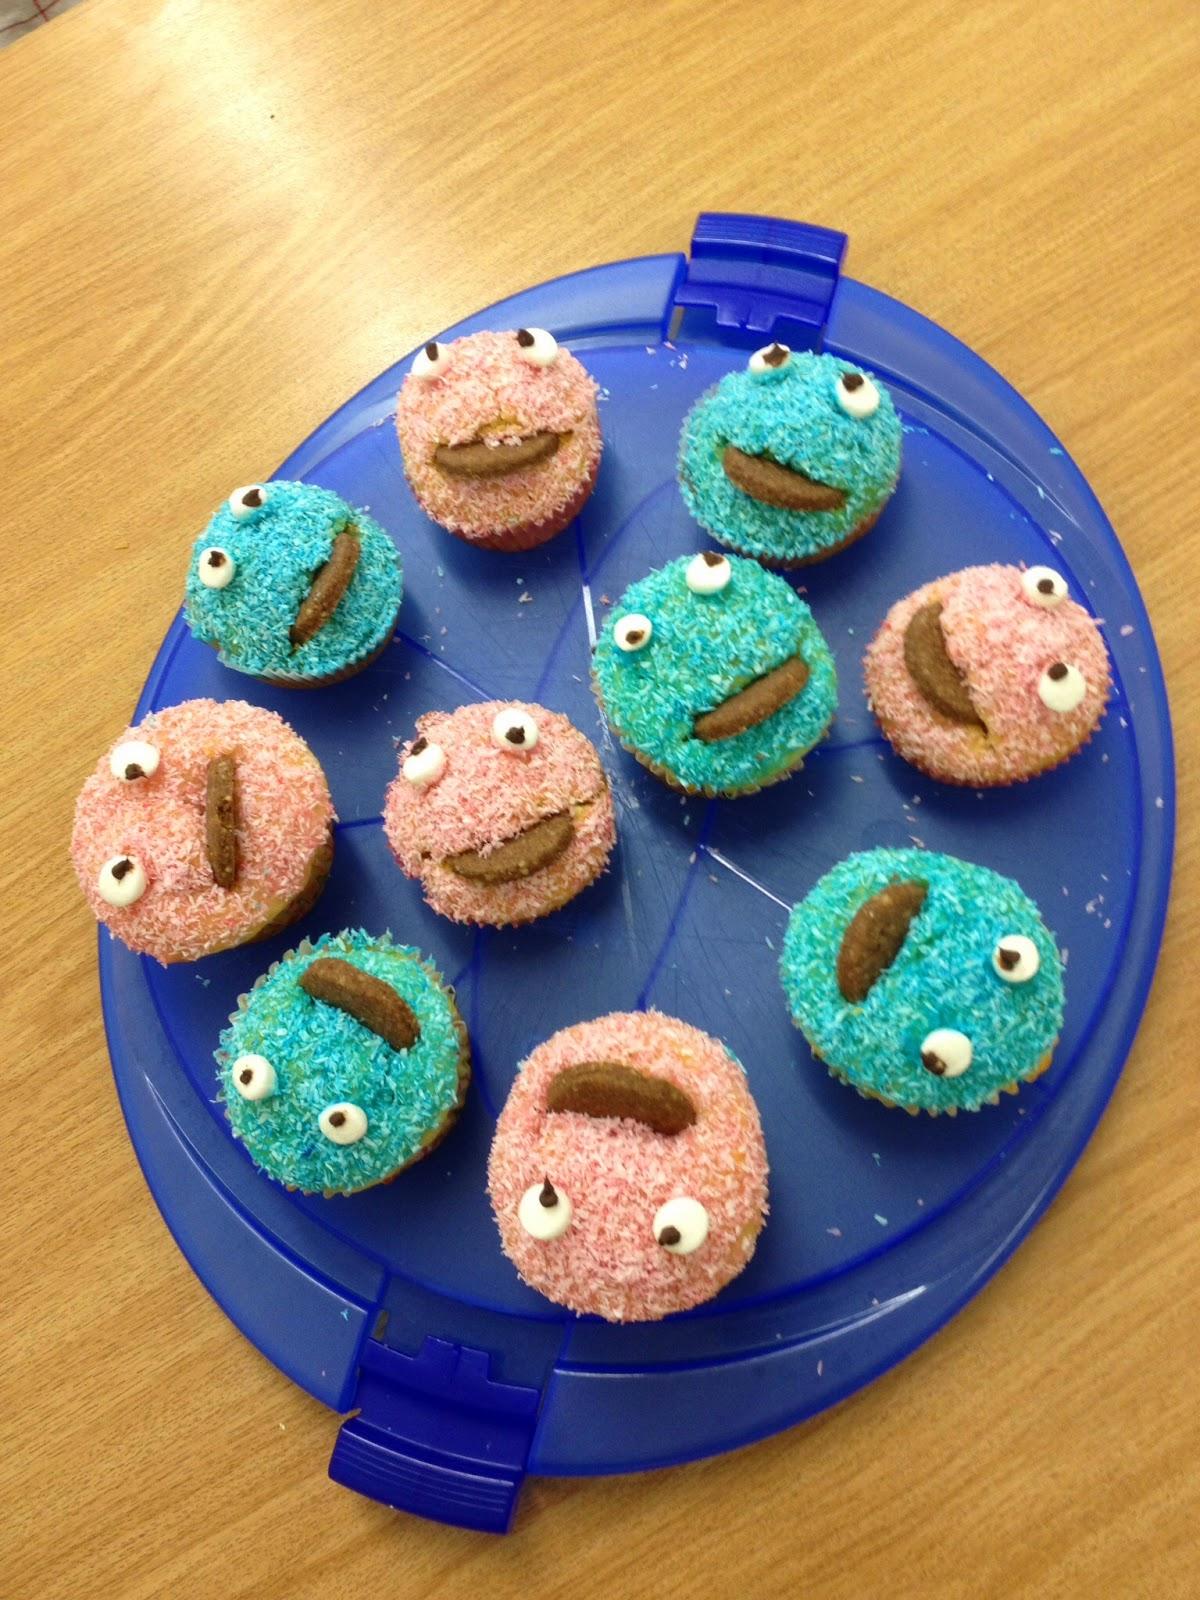 Ziemlich Süße Malvorlagen Von Cupcakes Fotos - Beispiel ...